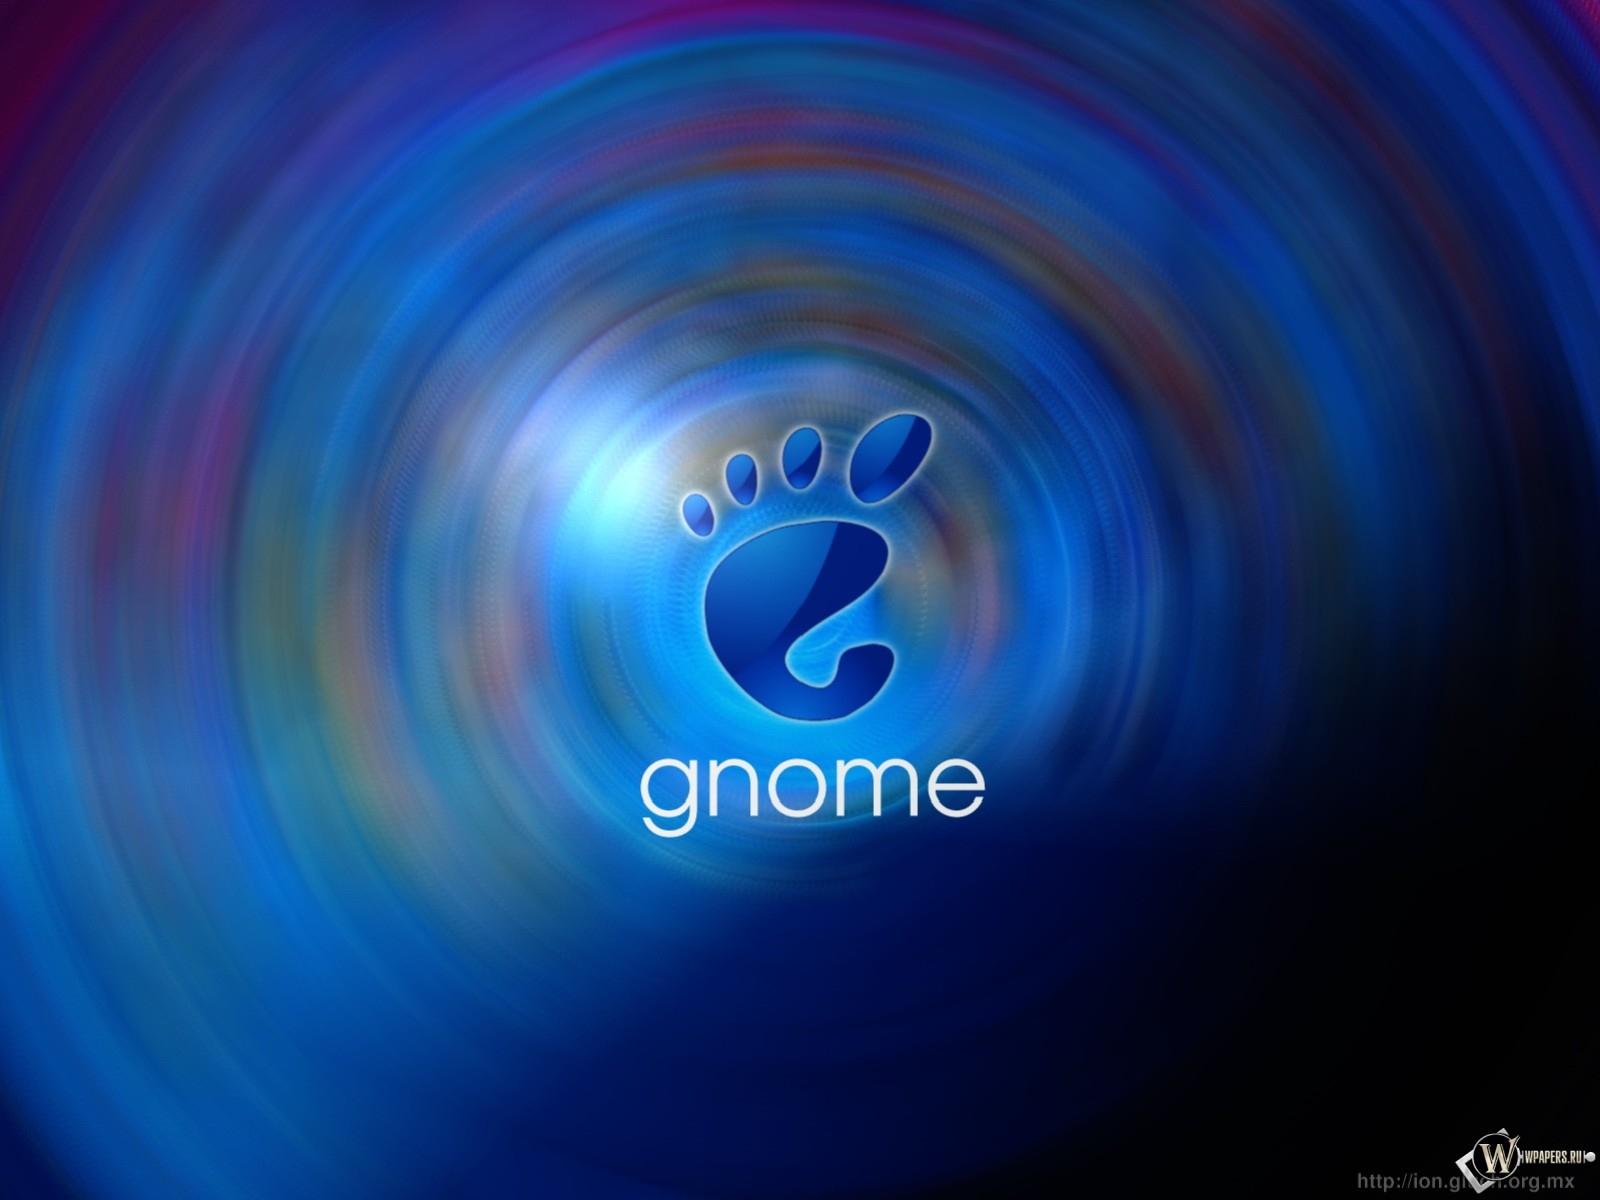 Gnome 1600x1200